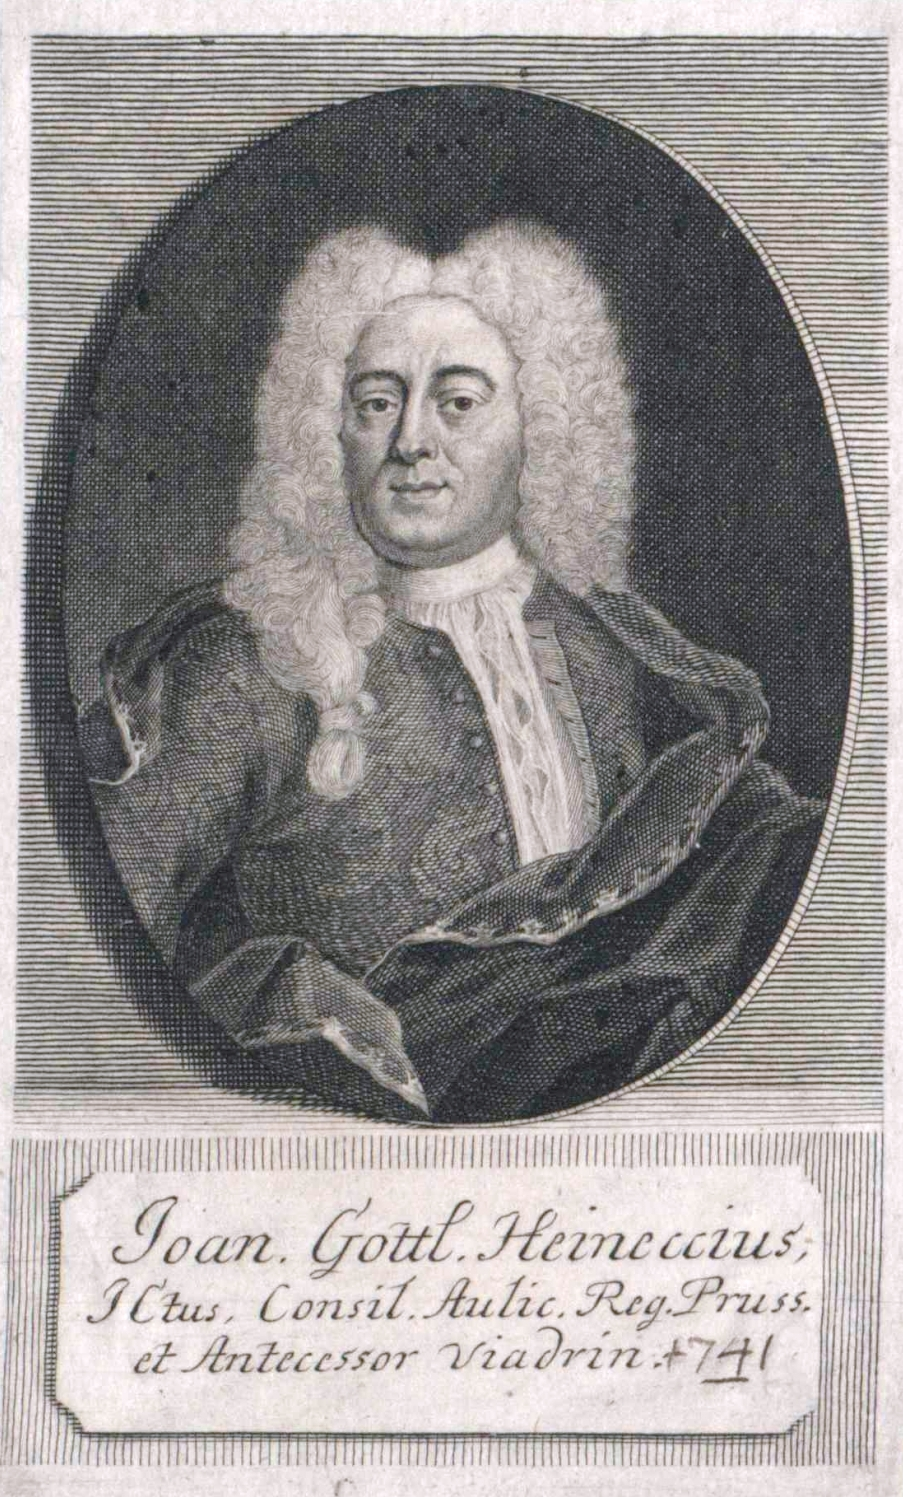 Johann Gottlieb Heineccius.